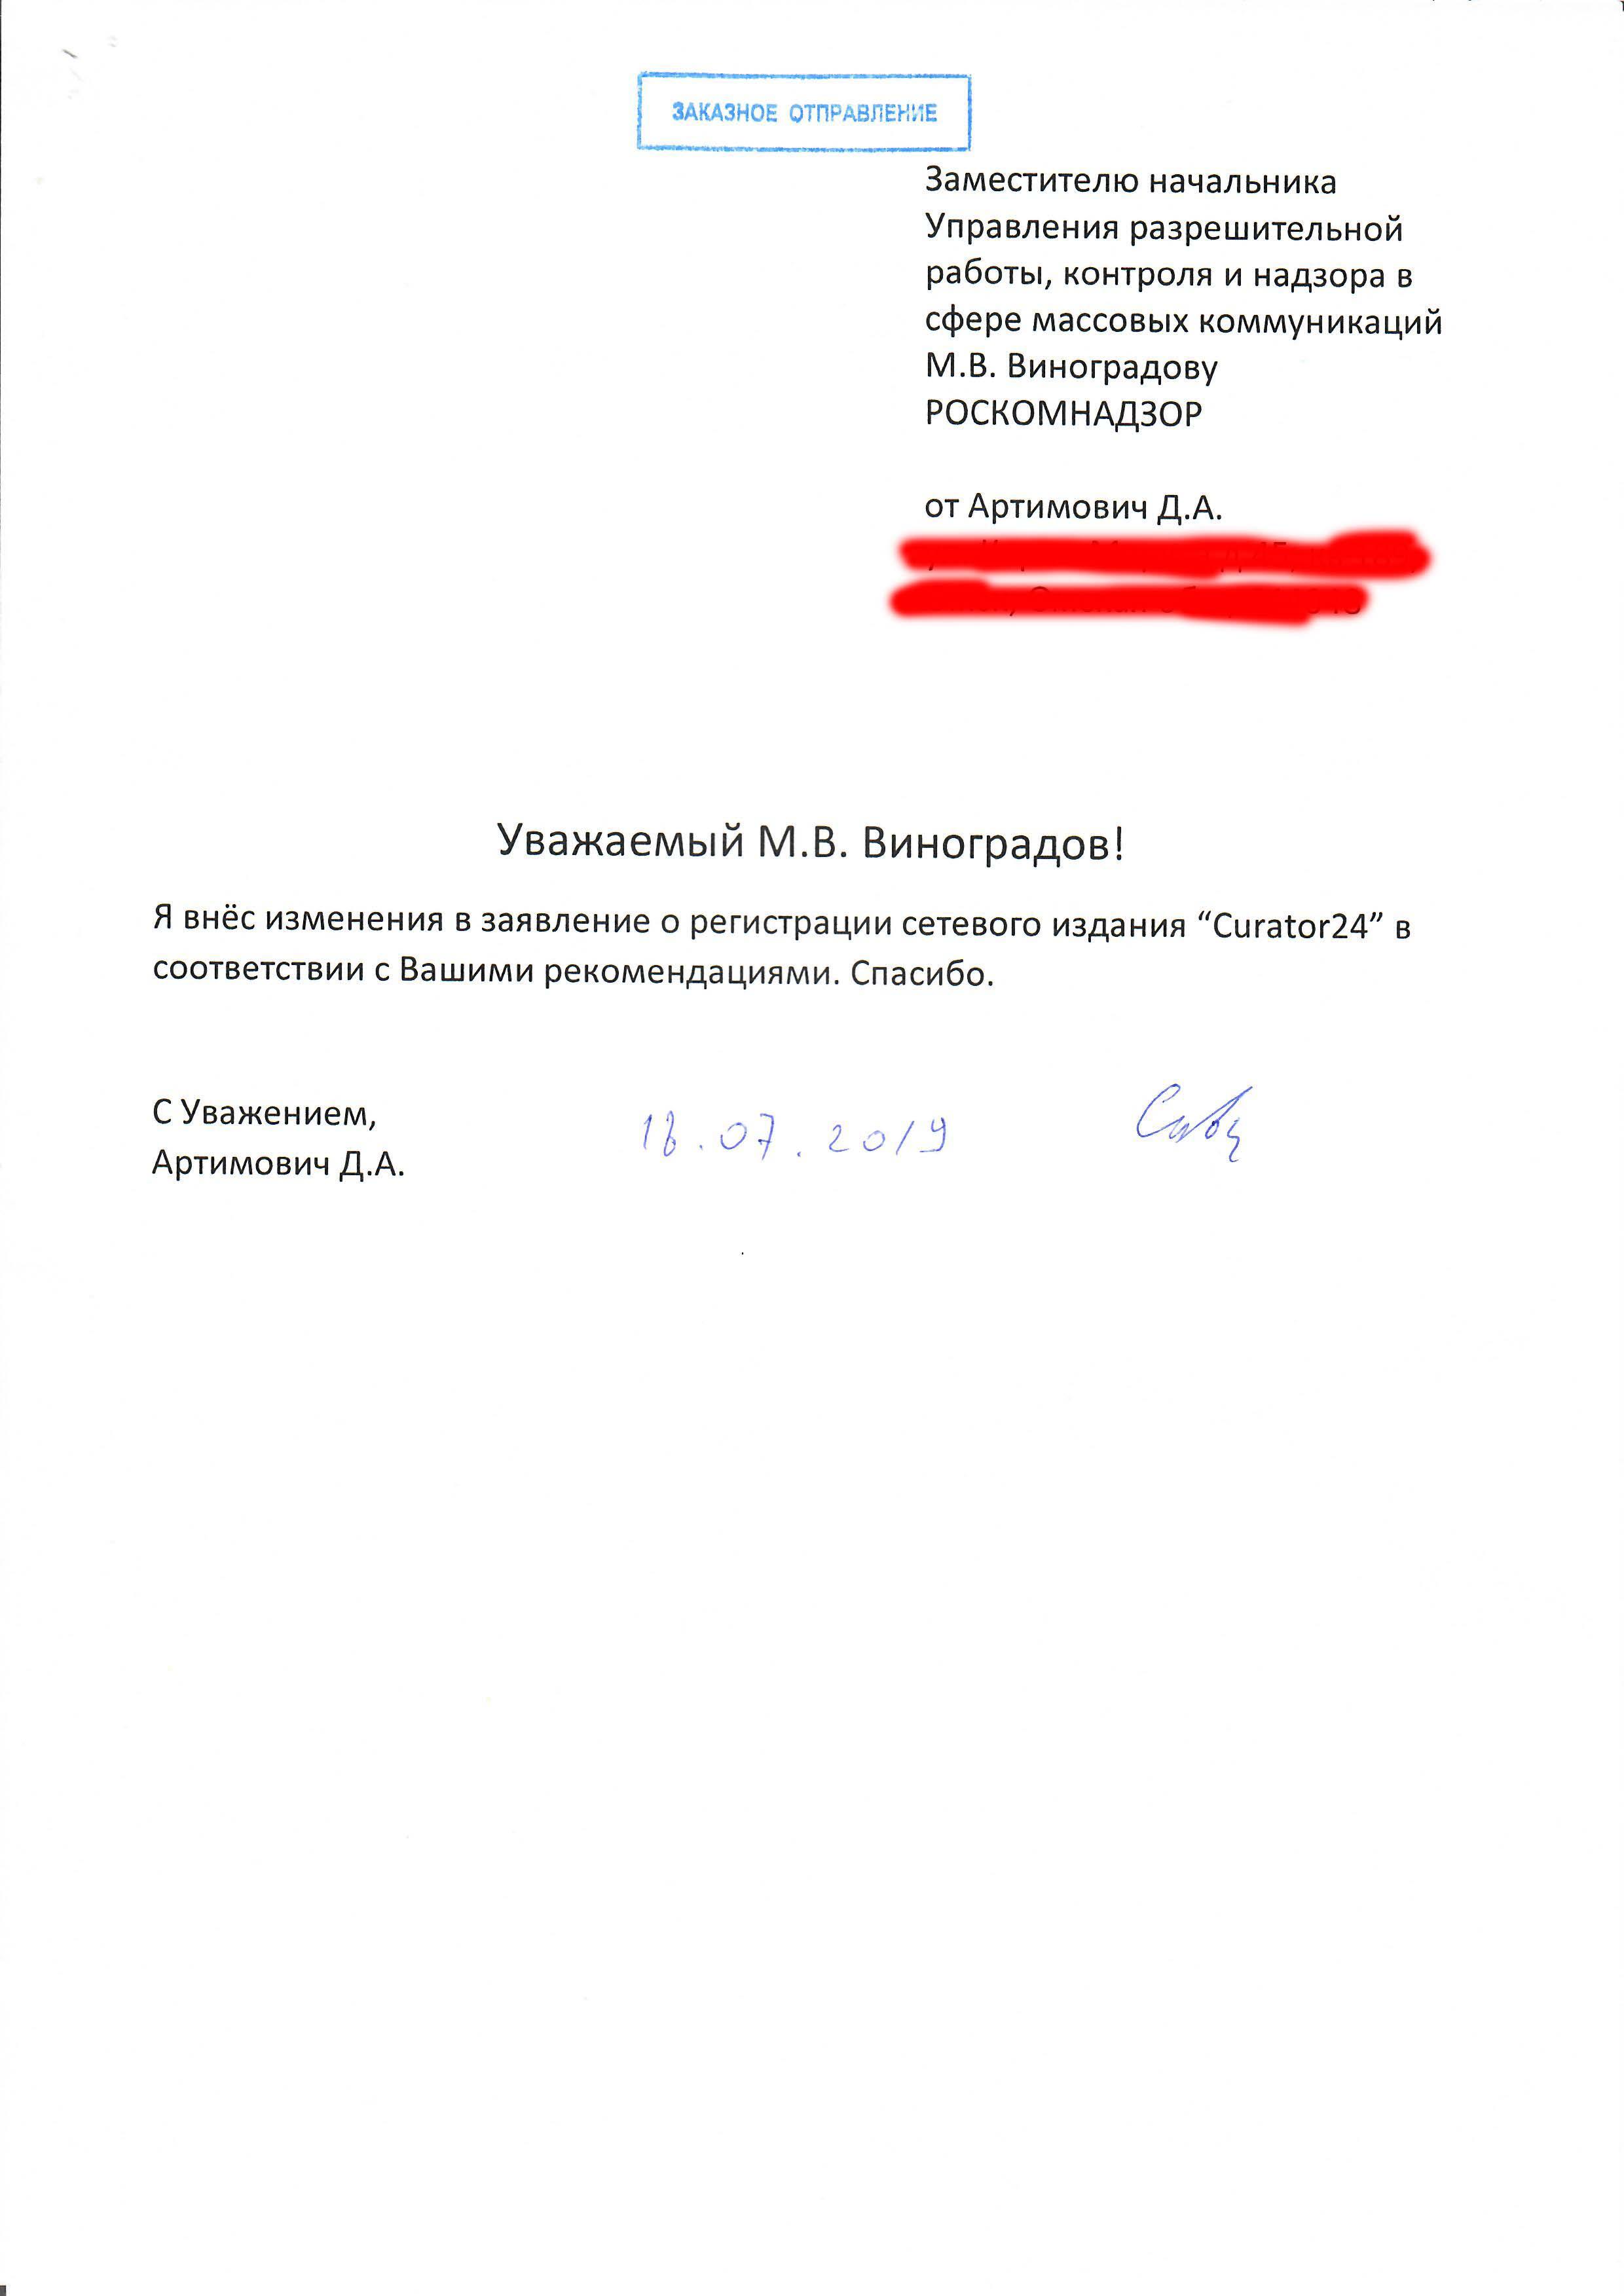 Пробовали ли вы зарегистрировать свой сайт как сетевое издание в Роскомнадзоре? - 7